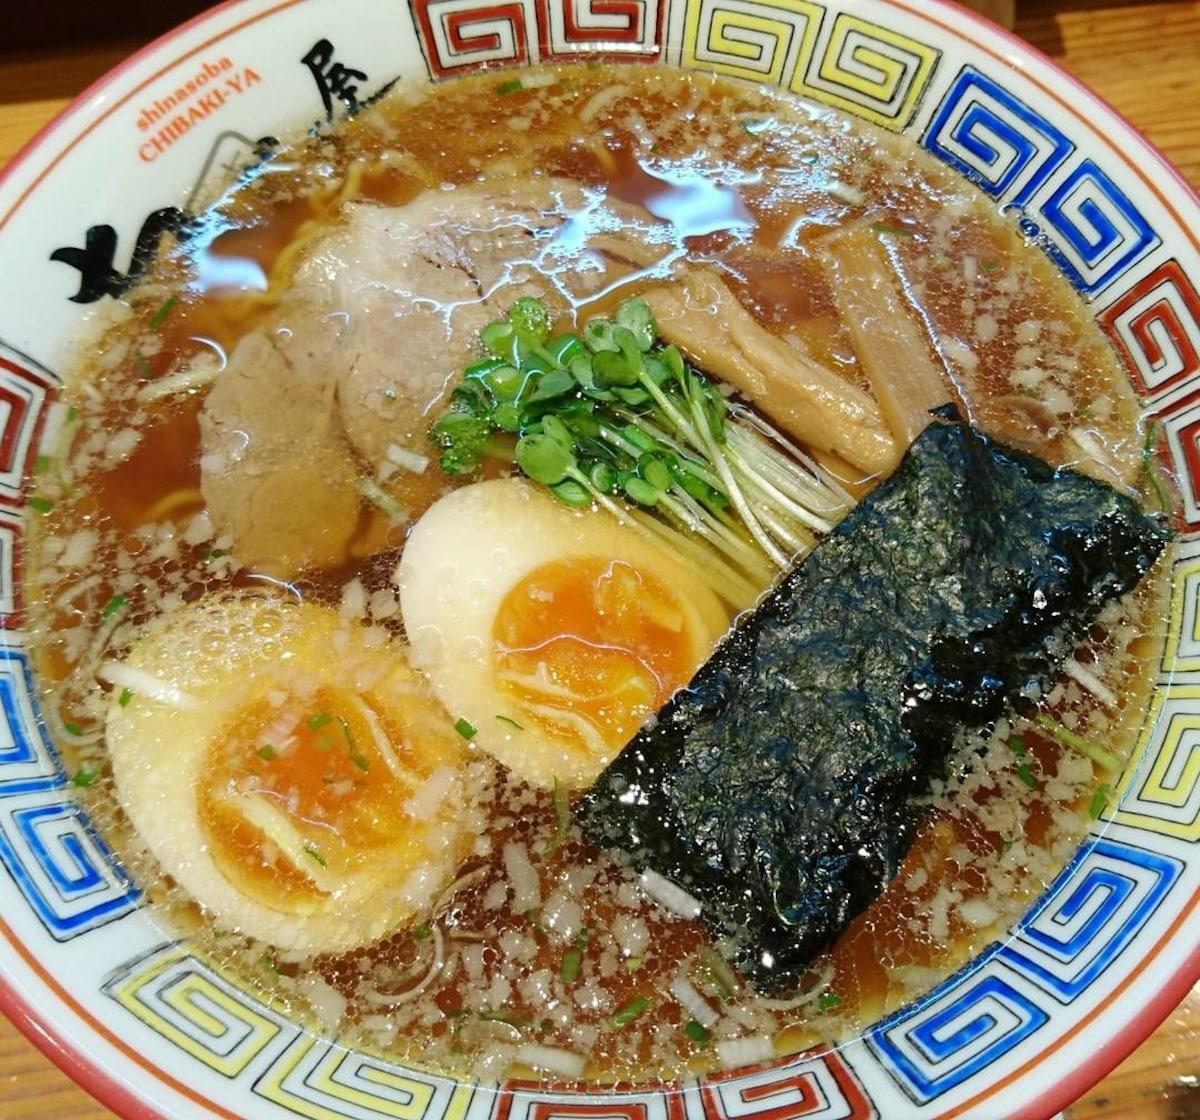 首創半熟溏心蛋的超人氣拉麵店|葛西・ちばき屋 (Chibakiya)